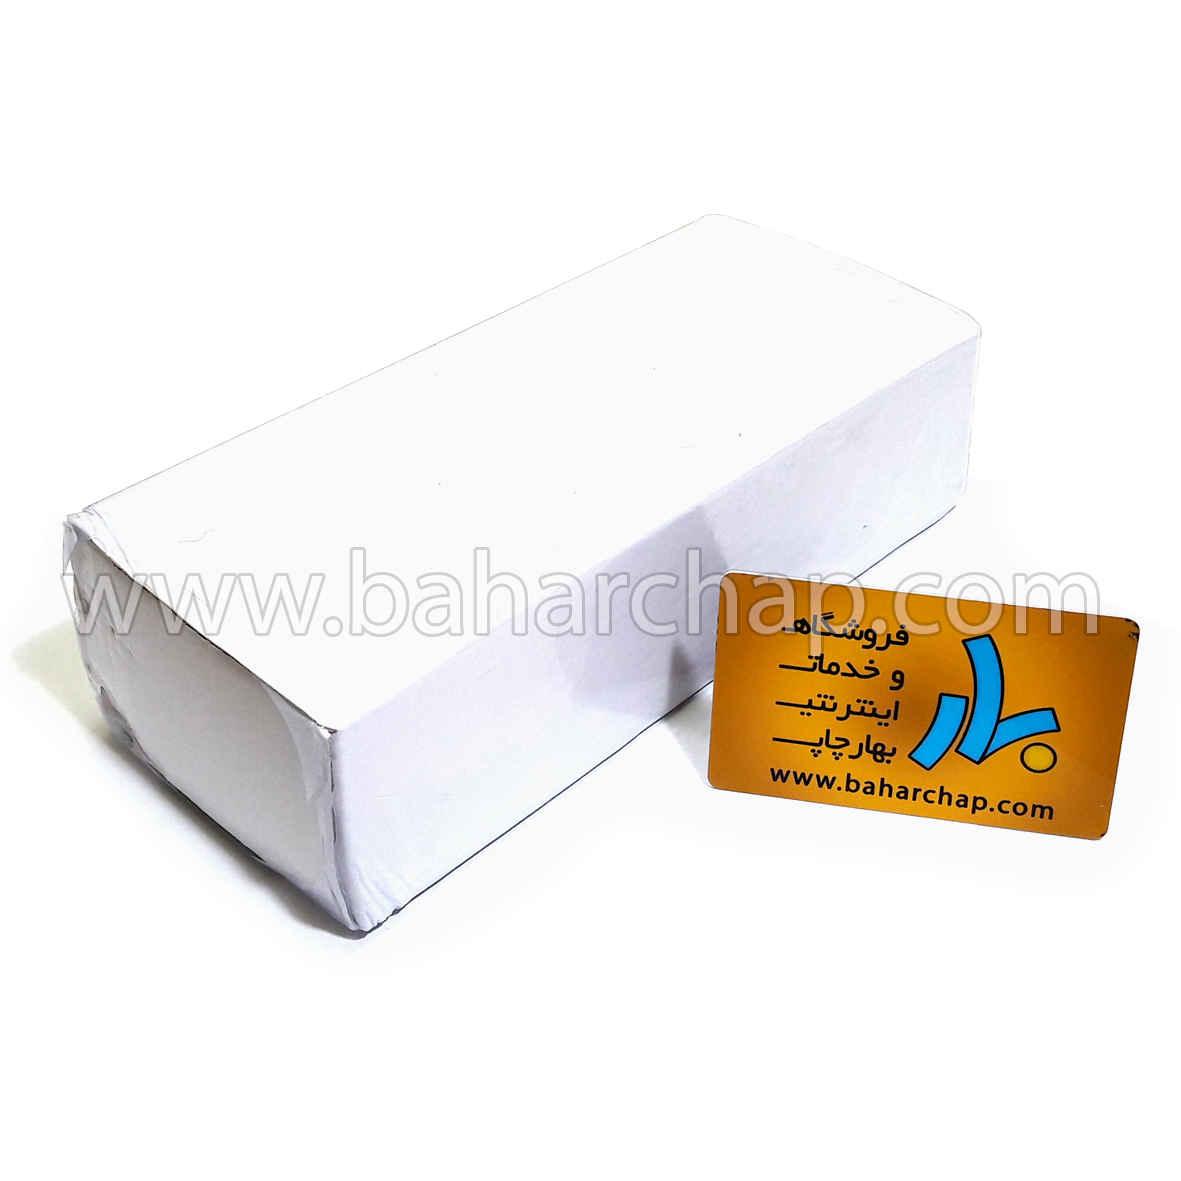 فروشگاه و خدمات اینترنتی بهارچاپ اصفهان-کارت PVC خام جوهر افشان (براق)-PVC card try FOR EPSON INKJET